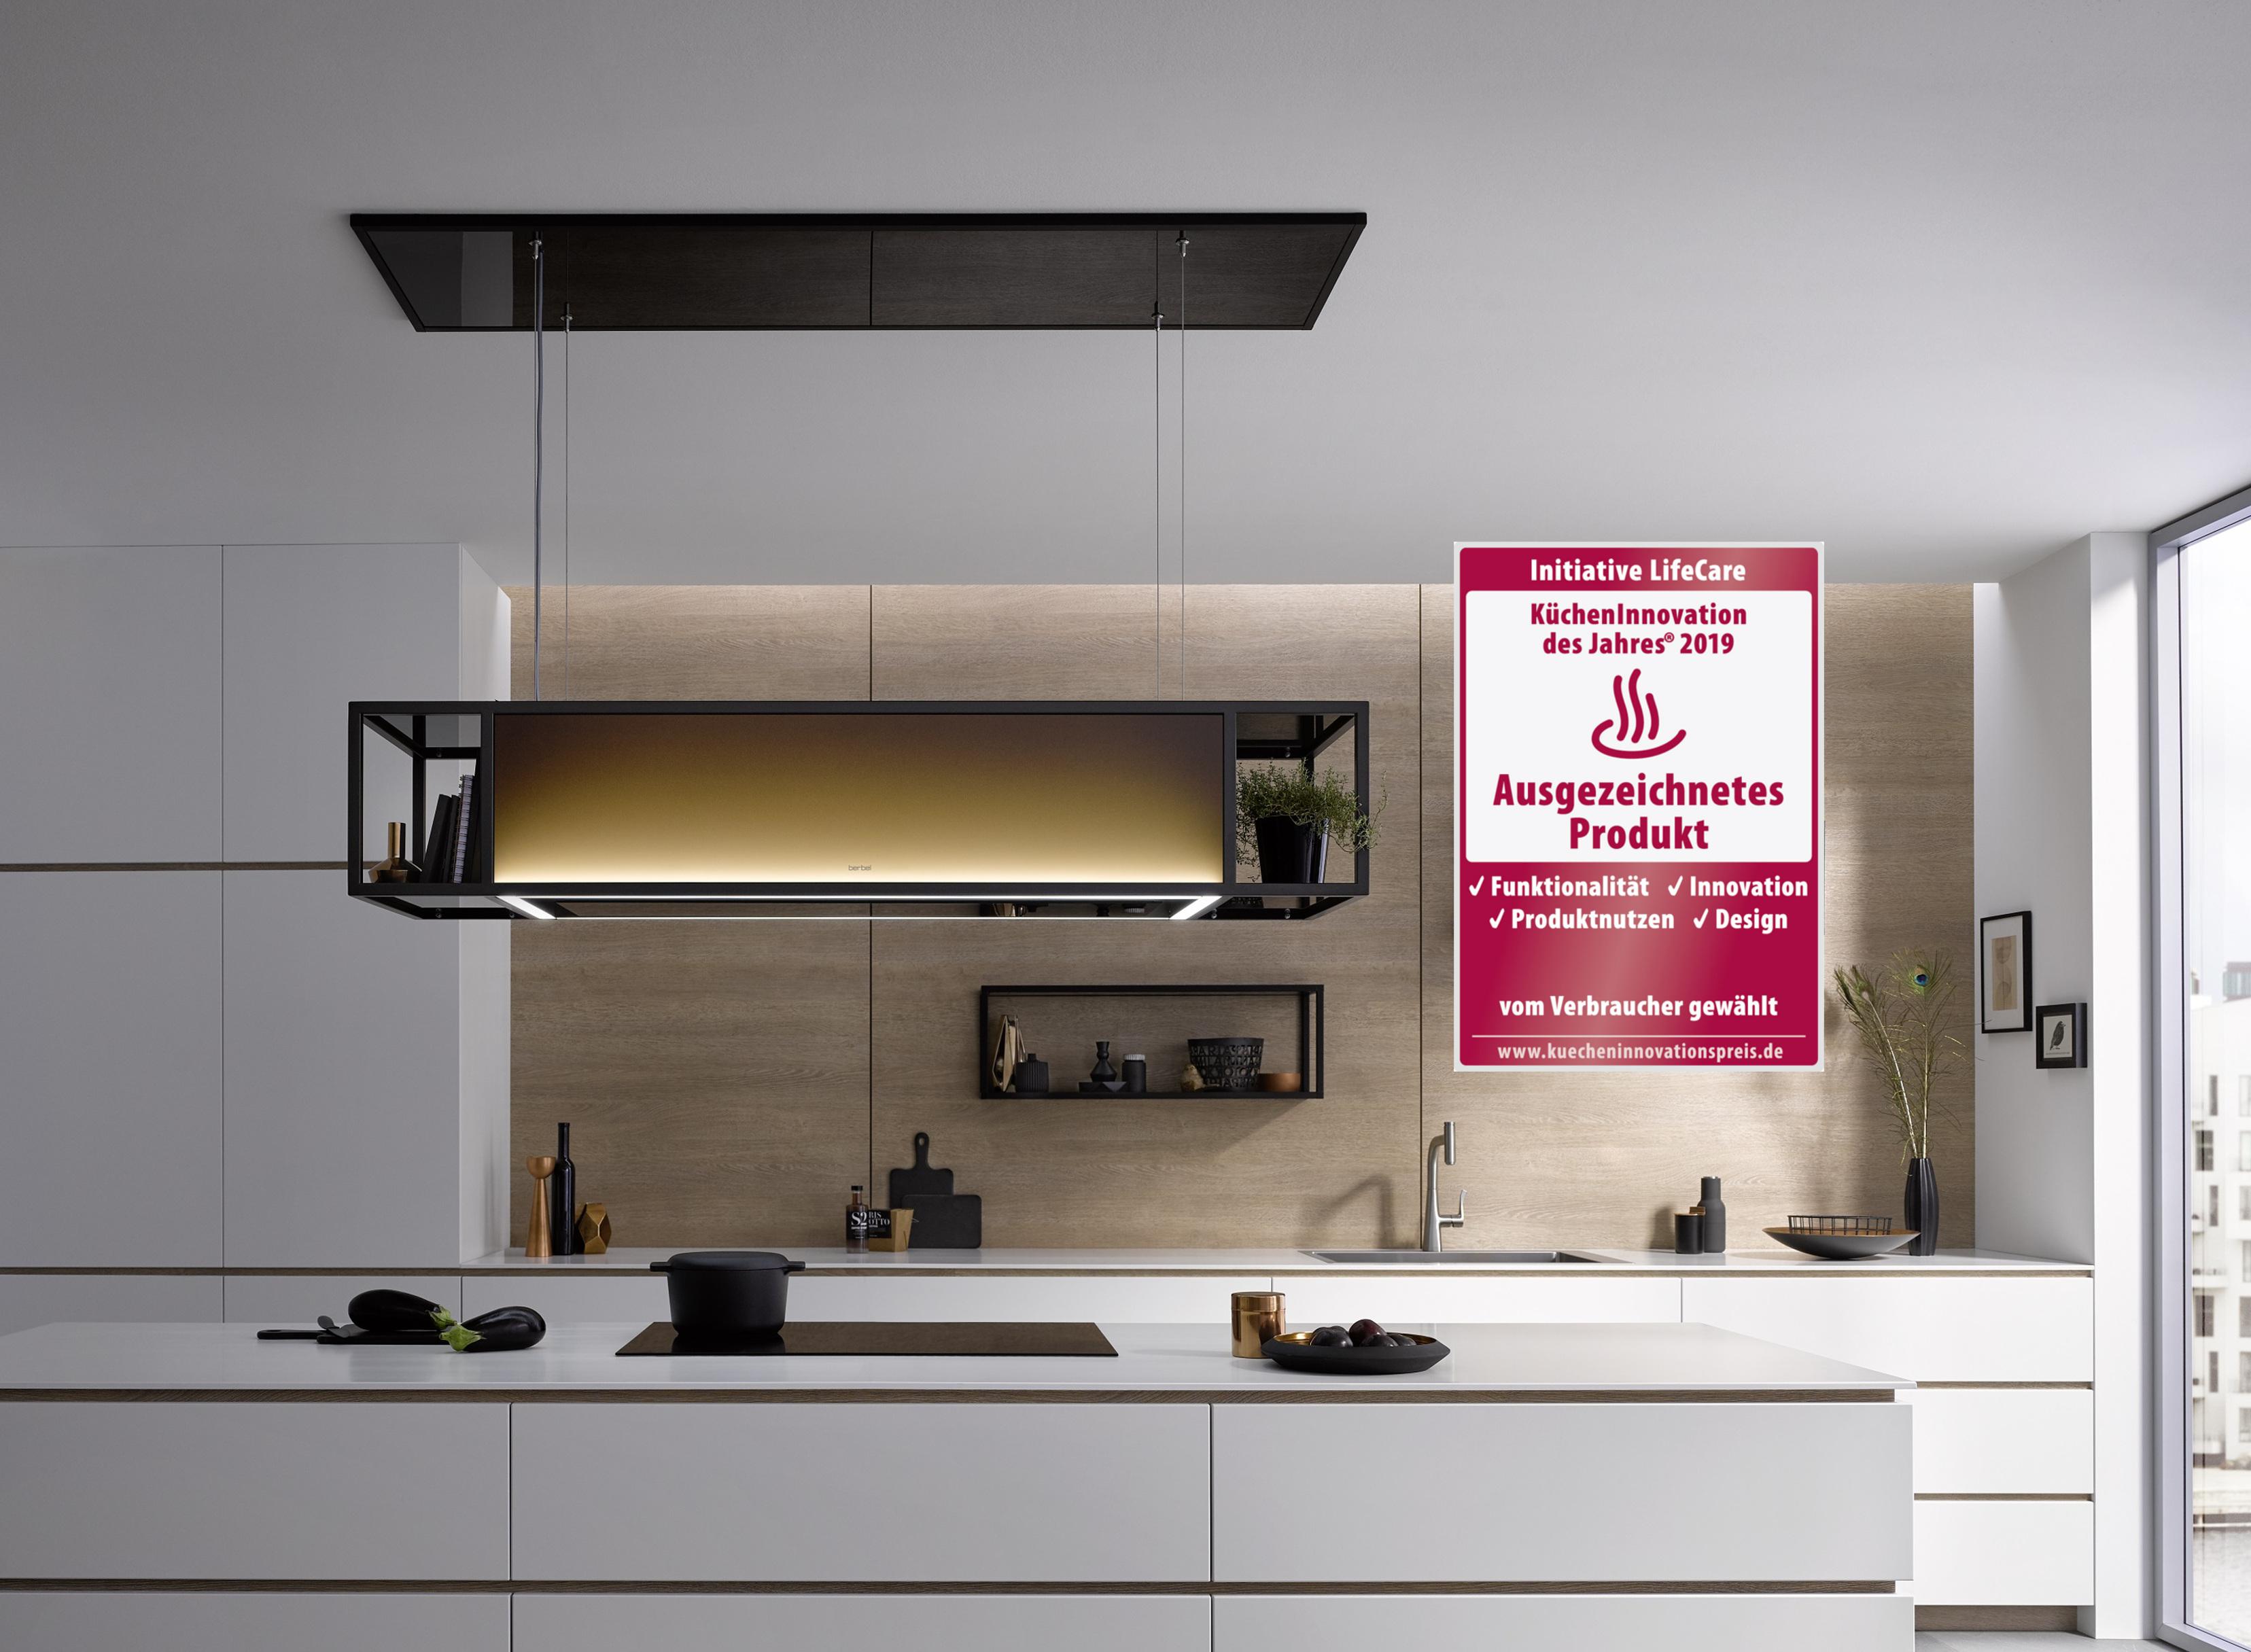 Skyline Frame KüchenInnovationspreis des Jahres 2019